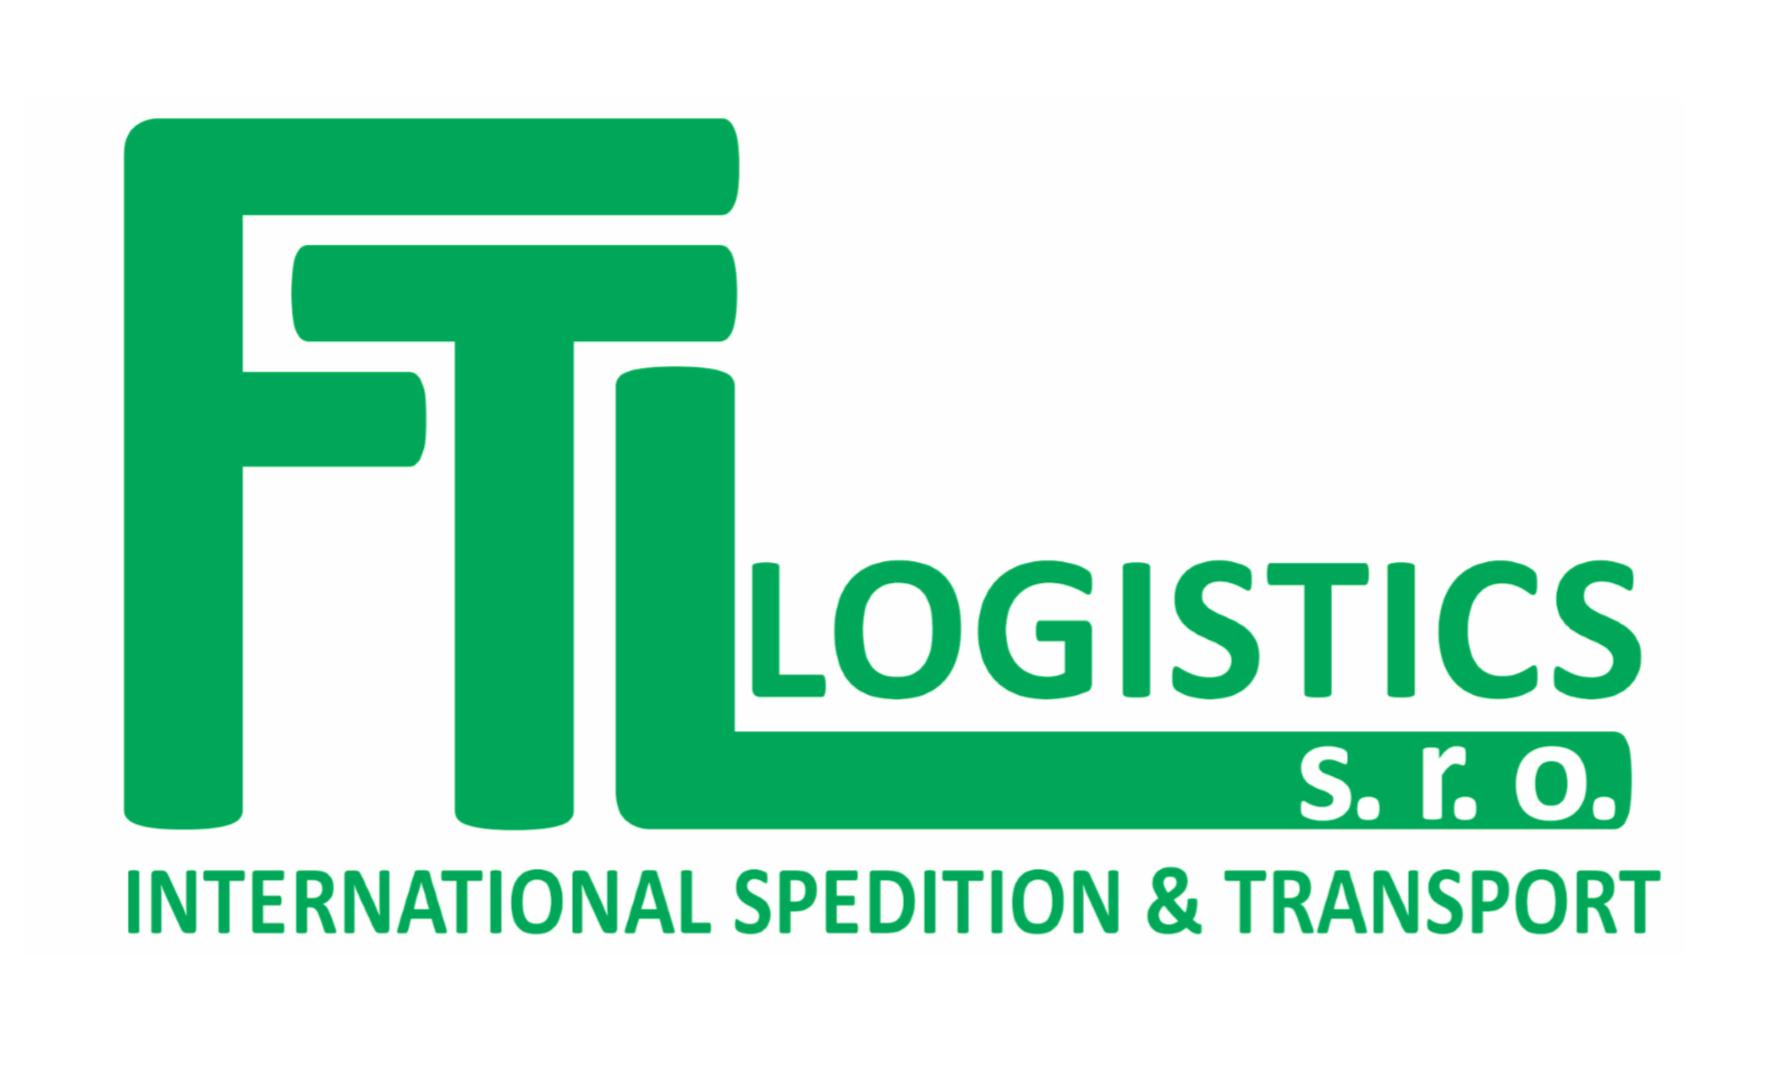 ftl_logistics_logo_small.png